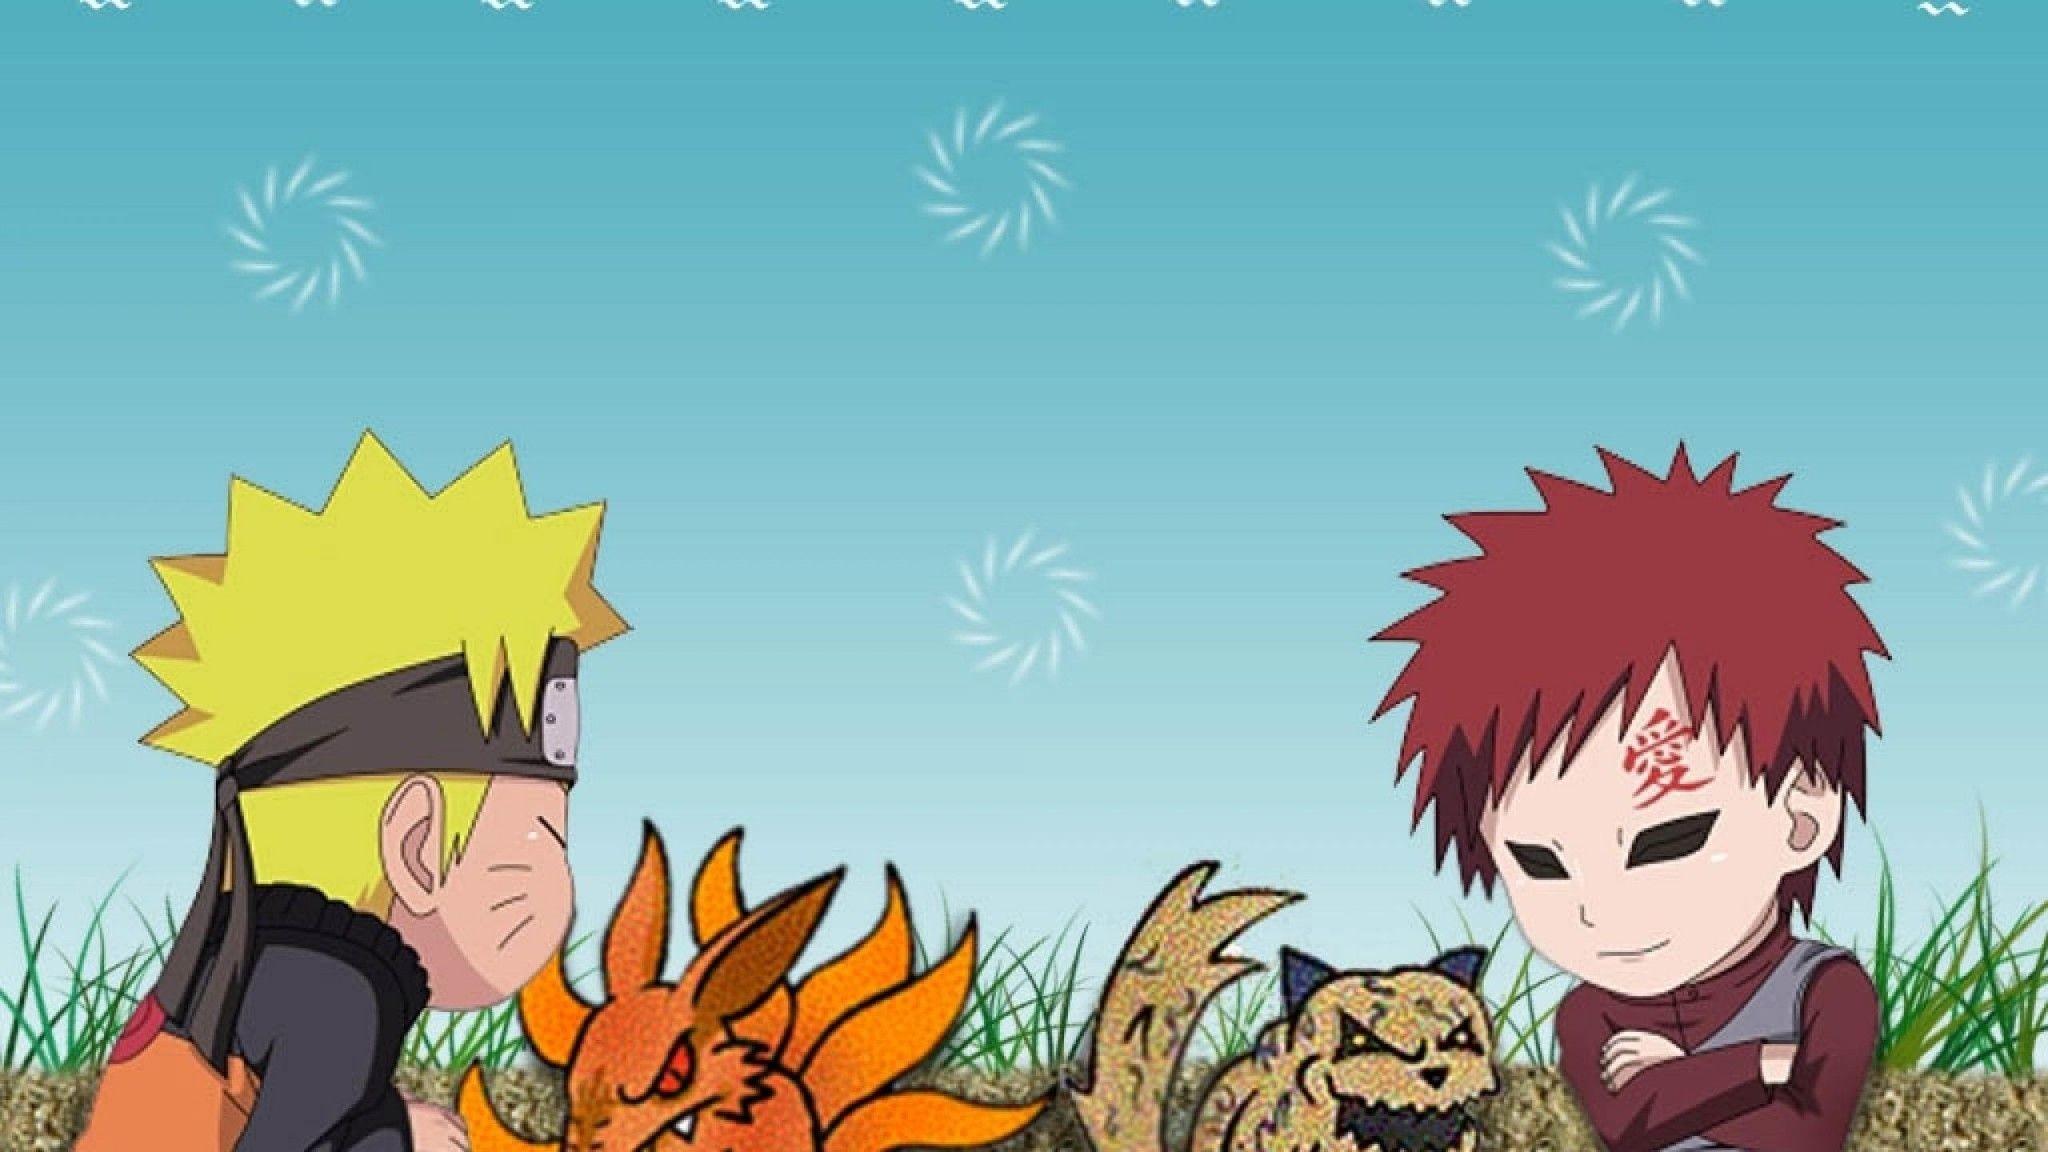 Images Of Naruto And Gaara